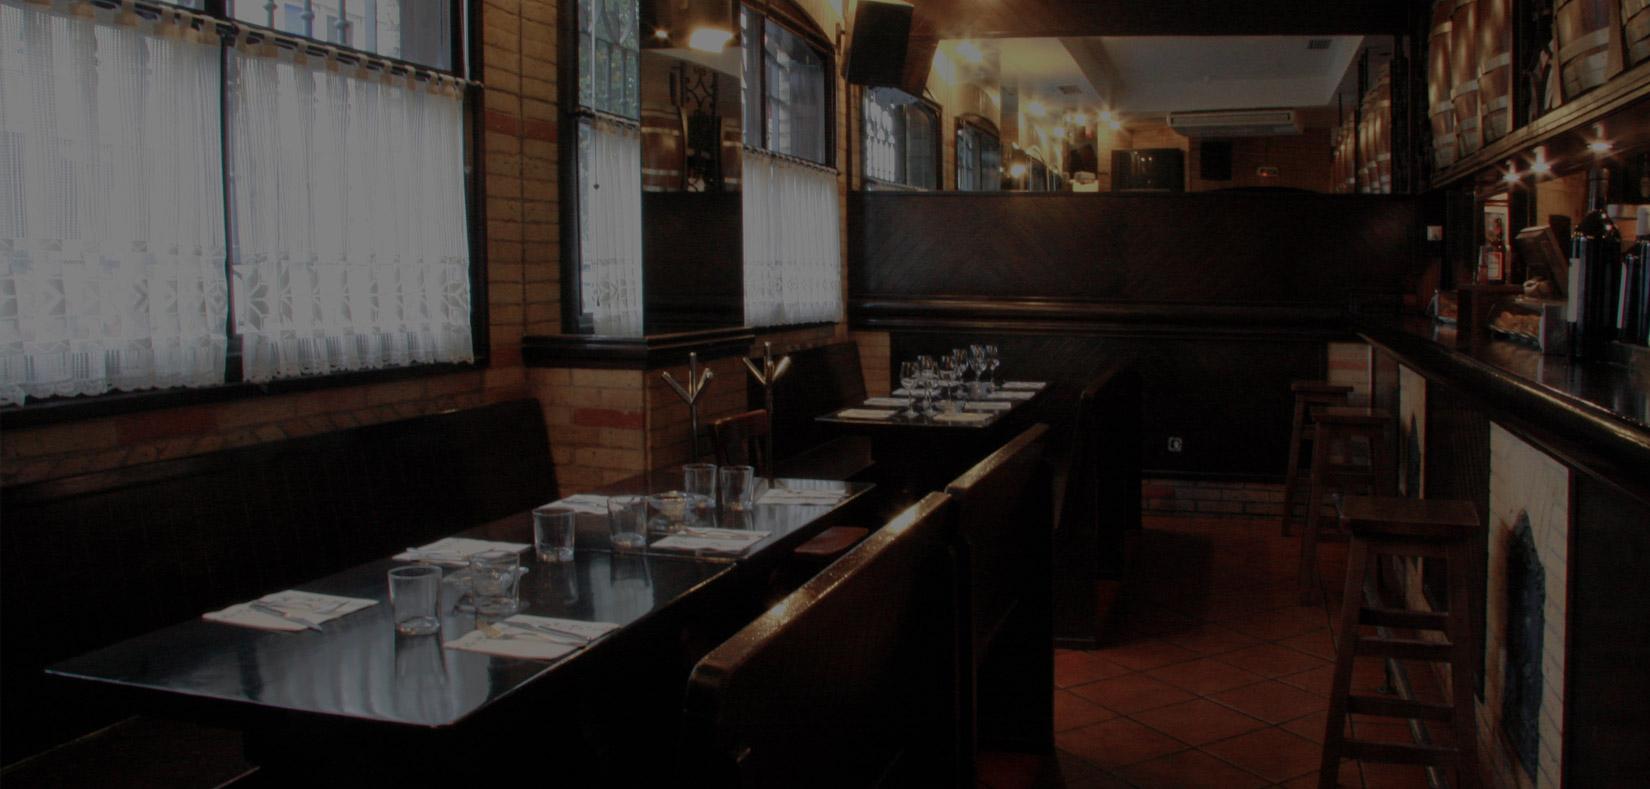 Restaurante bar en pamplona bar bodegas leyre - Cocinas leyre ...